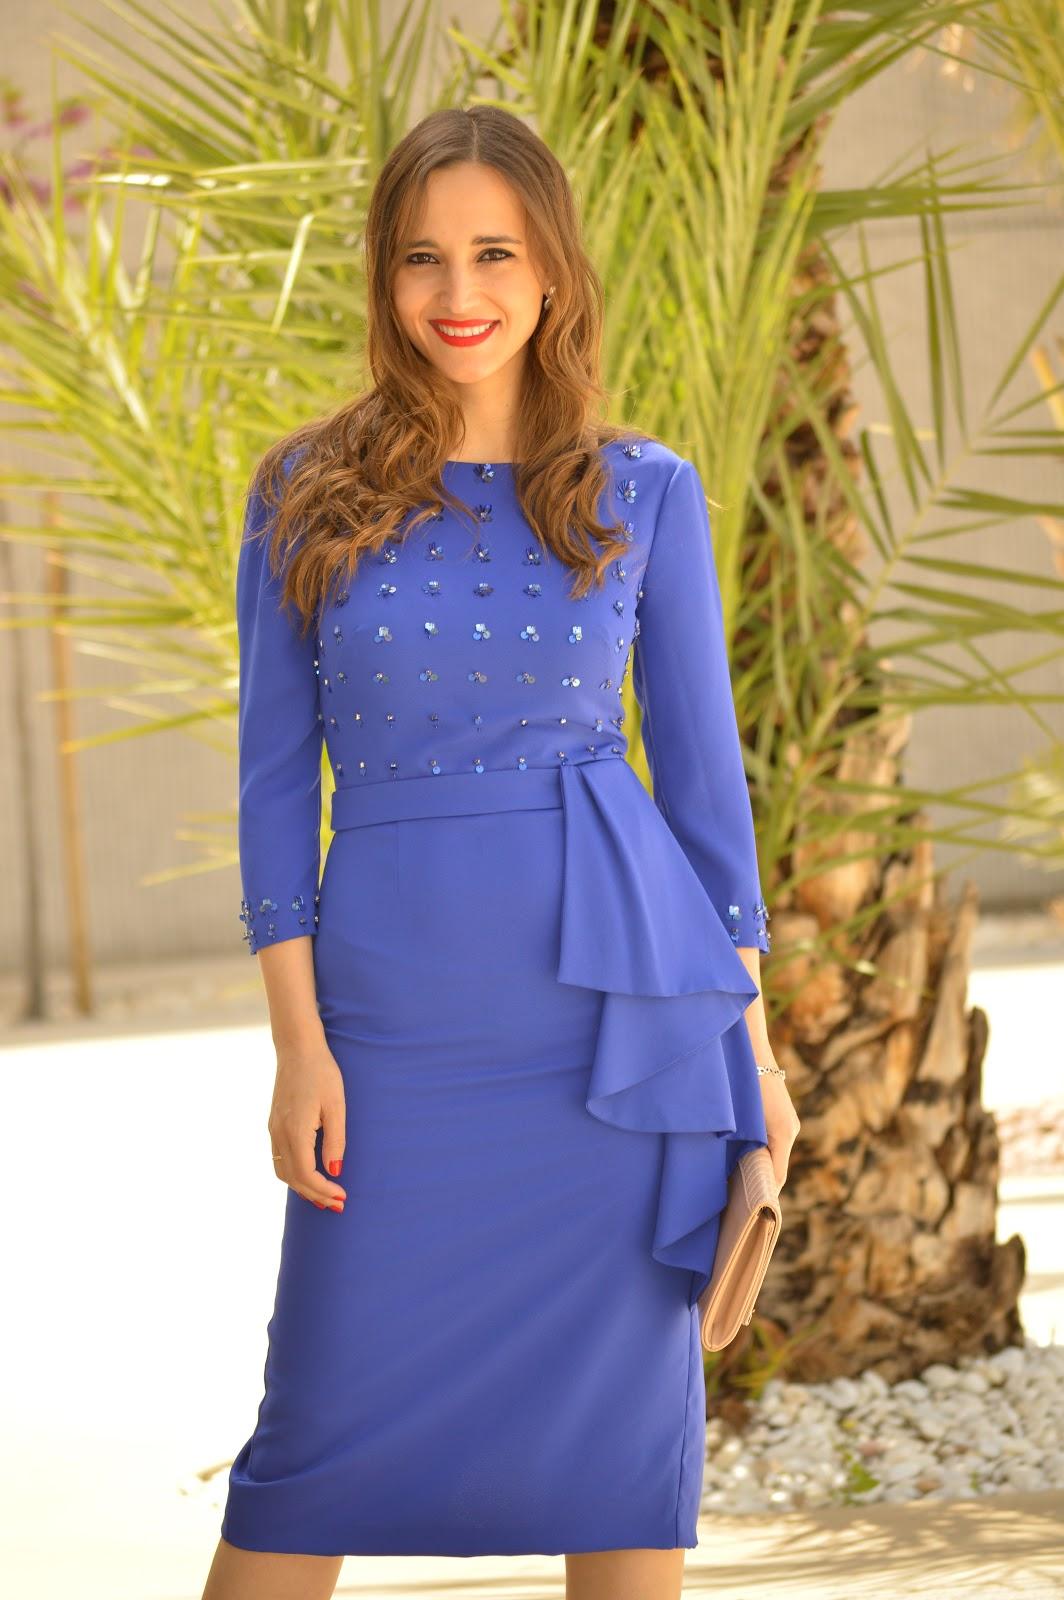 Increíble Ideas De Código De Vestido De Partido Imagen - Vestido de ...